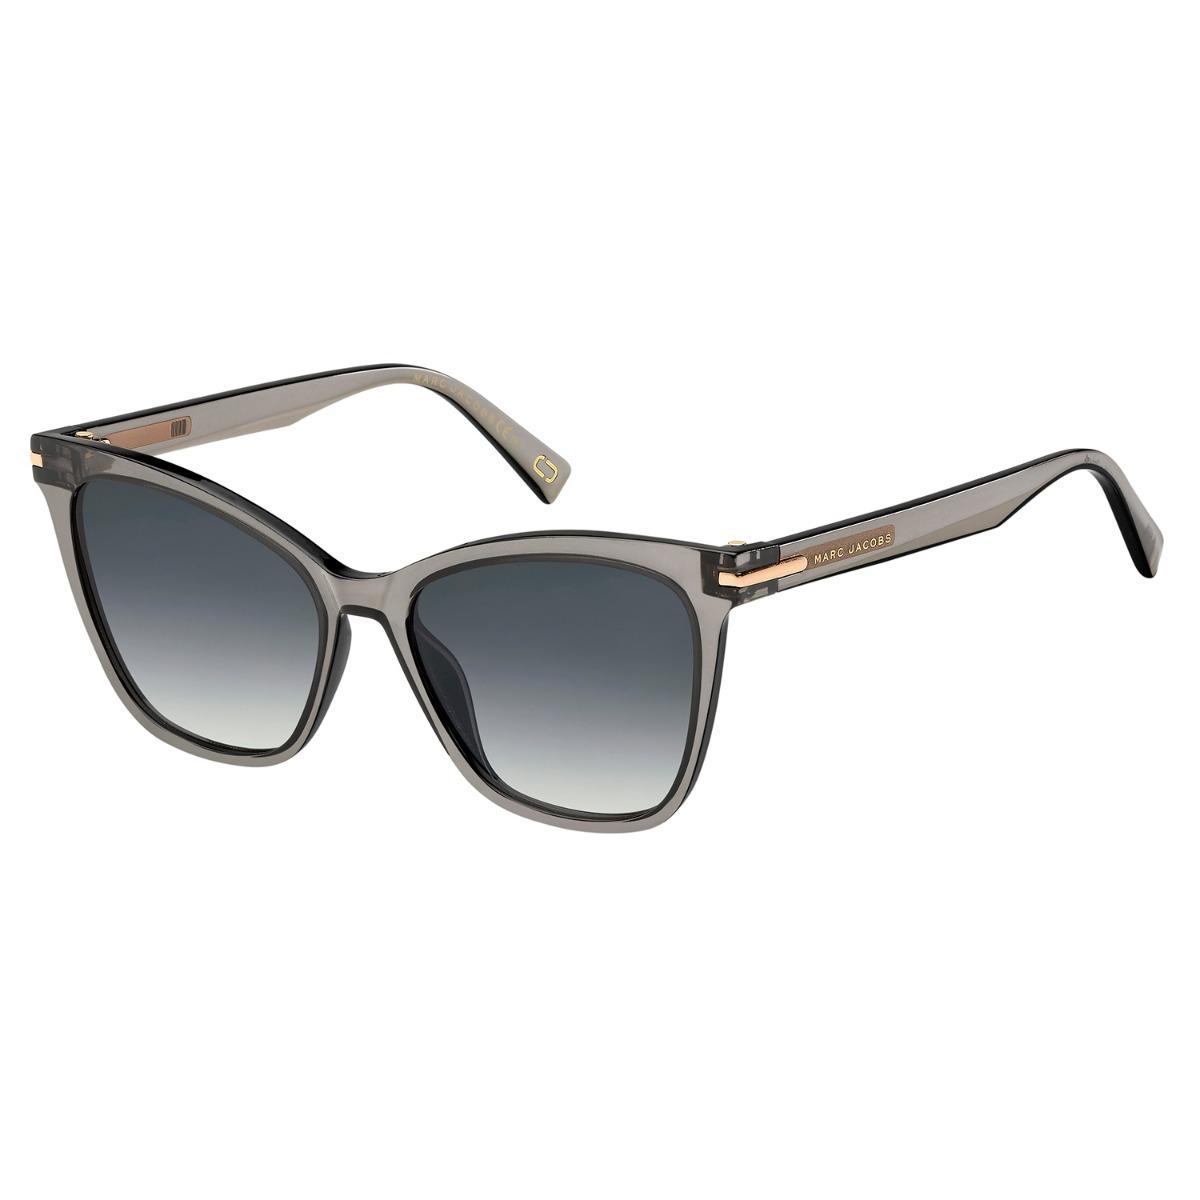 9f17497a6c7a4 lentes de sol marc jacobs originales 223 s mujer moda gato. Cargando zoom.